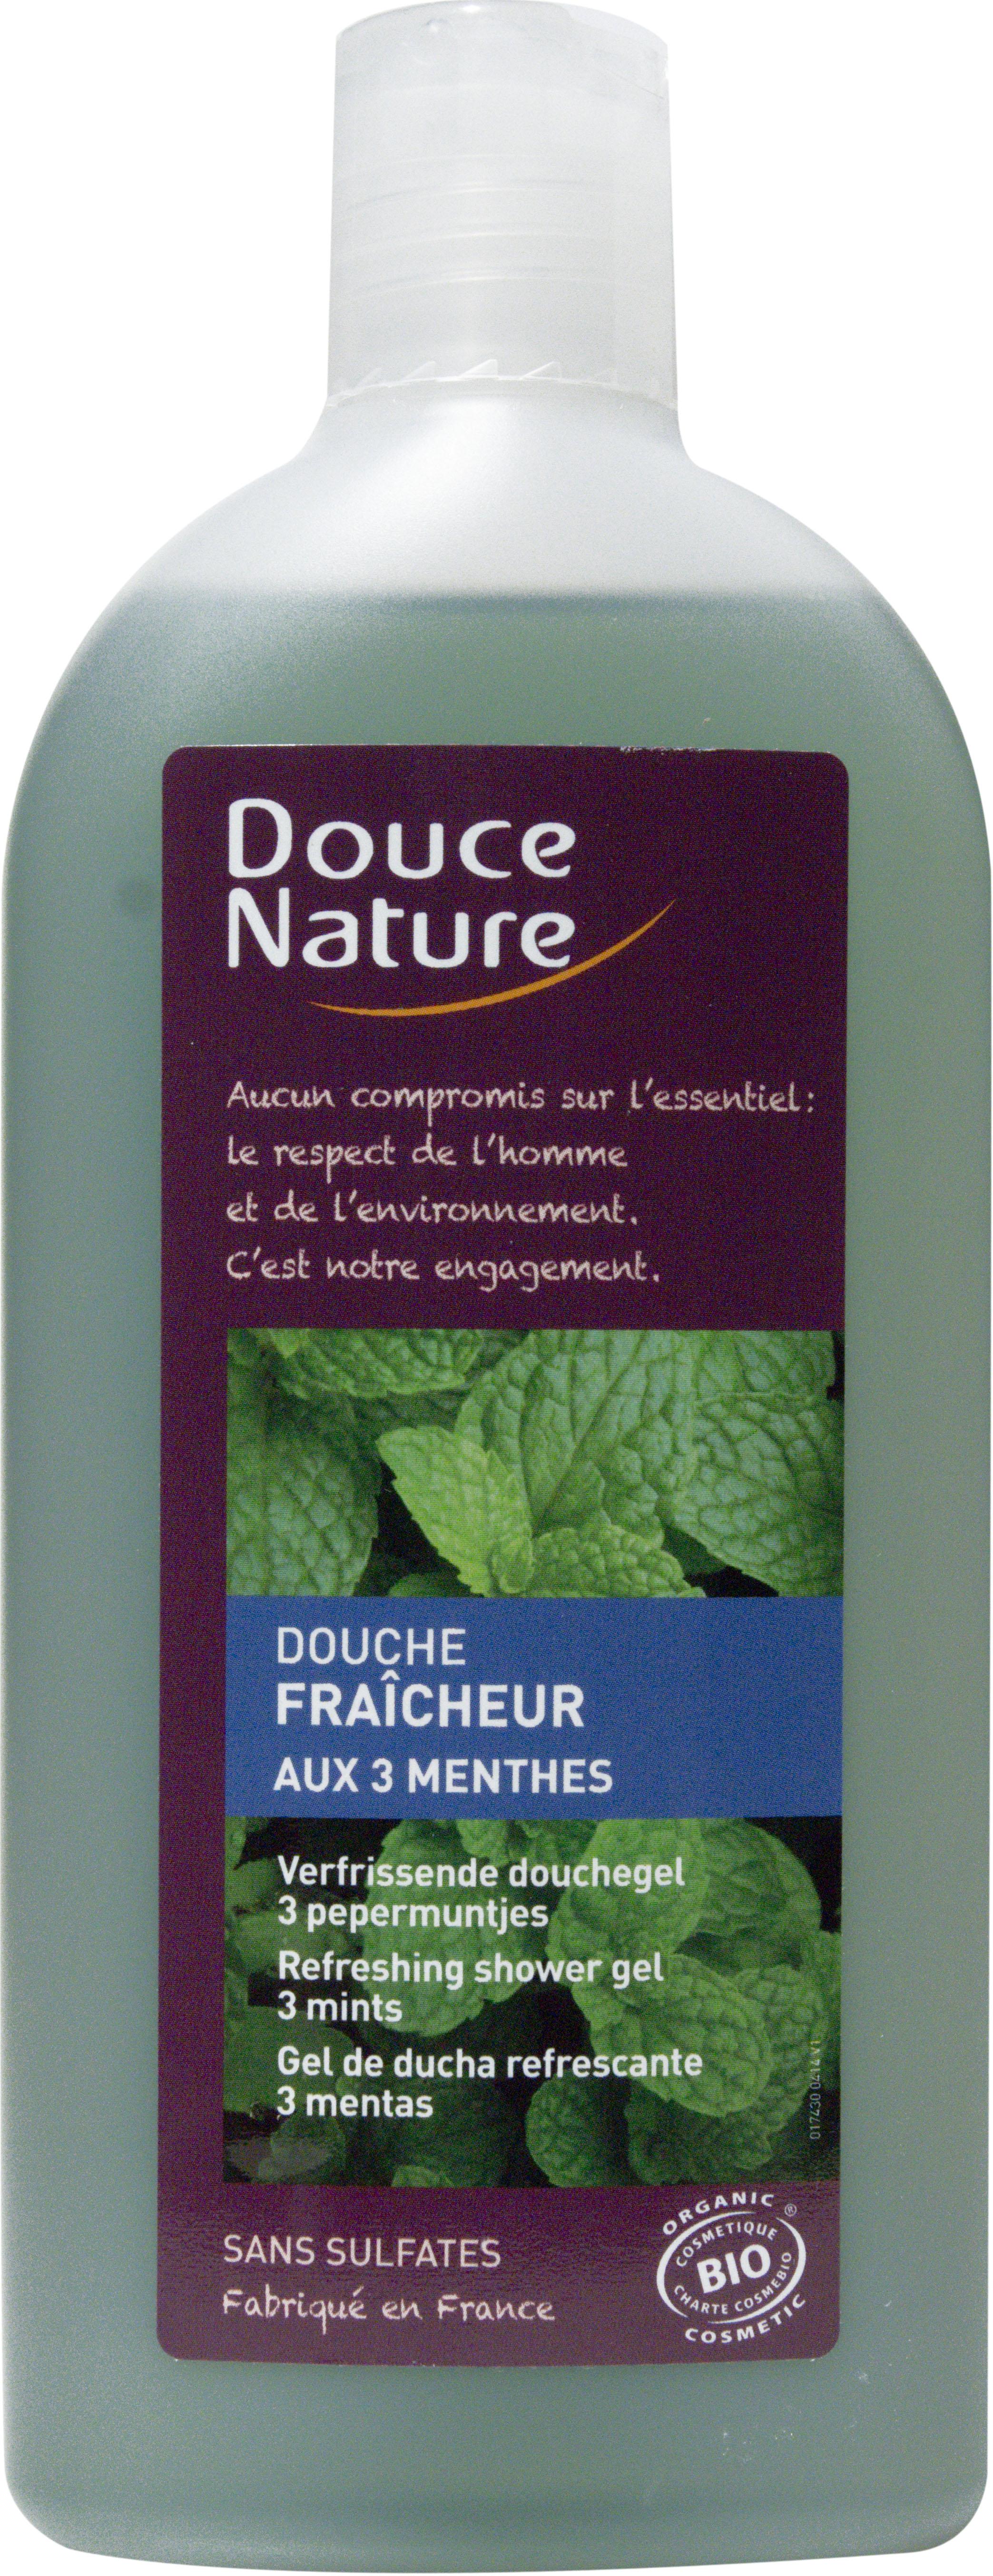 Douche fraicheur aux 3 menthes, Douce Nature (300 ml)